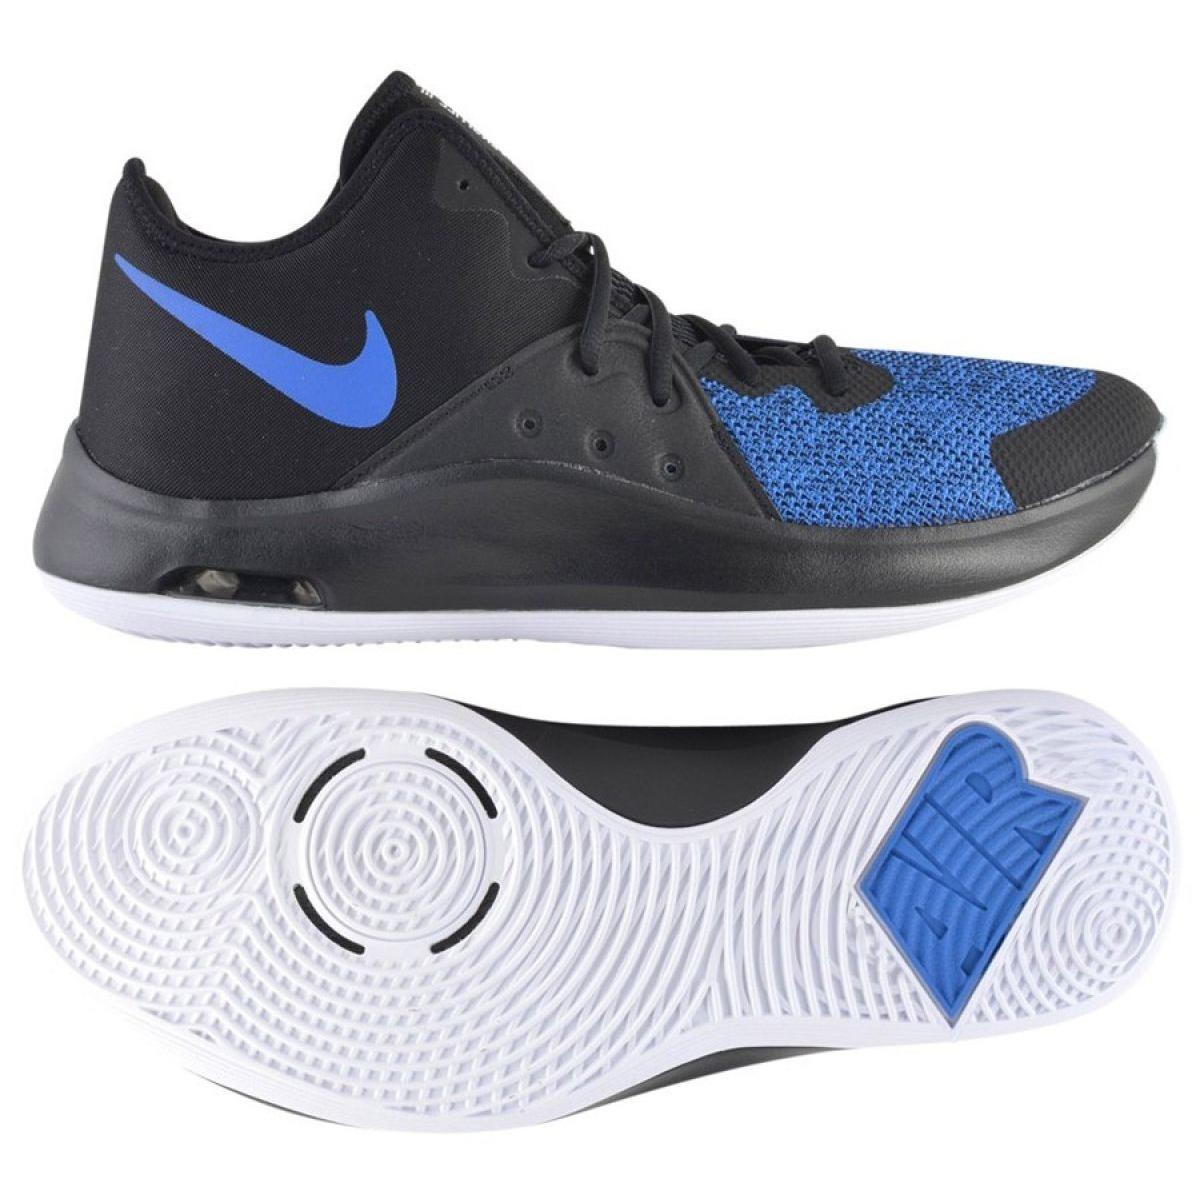 Tênis de basquete Nike Air Versitile Iii M AO4430 004 marinha azul marinho